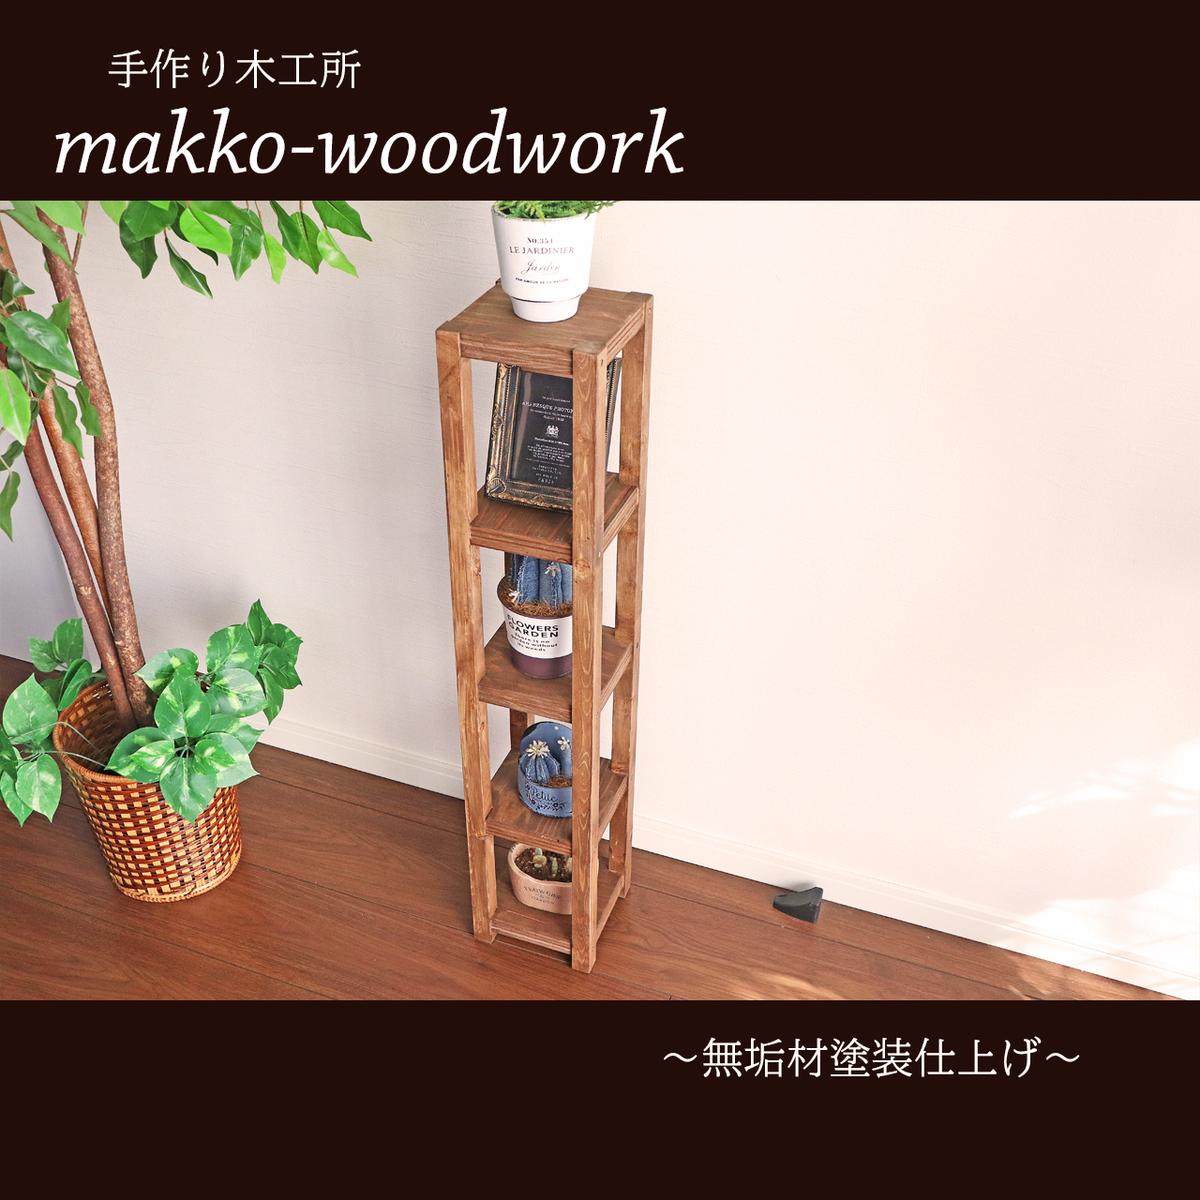 こちらカフェ風 アンティーク調をイメージして製作した作品です 自社工房でひとつひとつ手作業で丁寧に創り上げております 木製コーナーラック コーナーシェルフ 美品 スリムラック ウッドシェルフ 5段 5段ラック ディスプレイラック 木製ラック 木製シェルフ おしゃれ 収納ラック 見せる収納 アルコールスタンド木製 リビング 省スペース ウッド ディスプレイ ナチュラル スリム 即納 デッドスペース